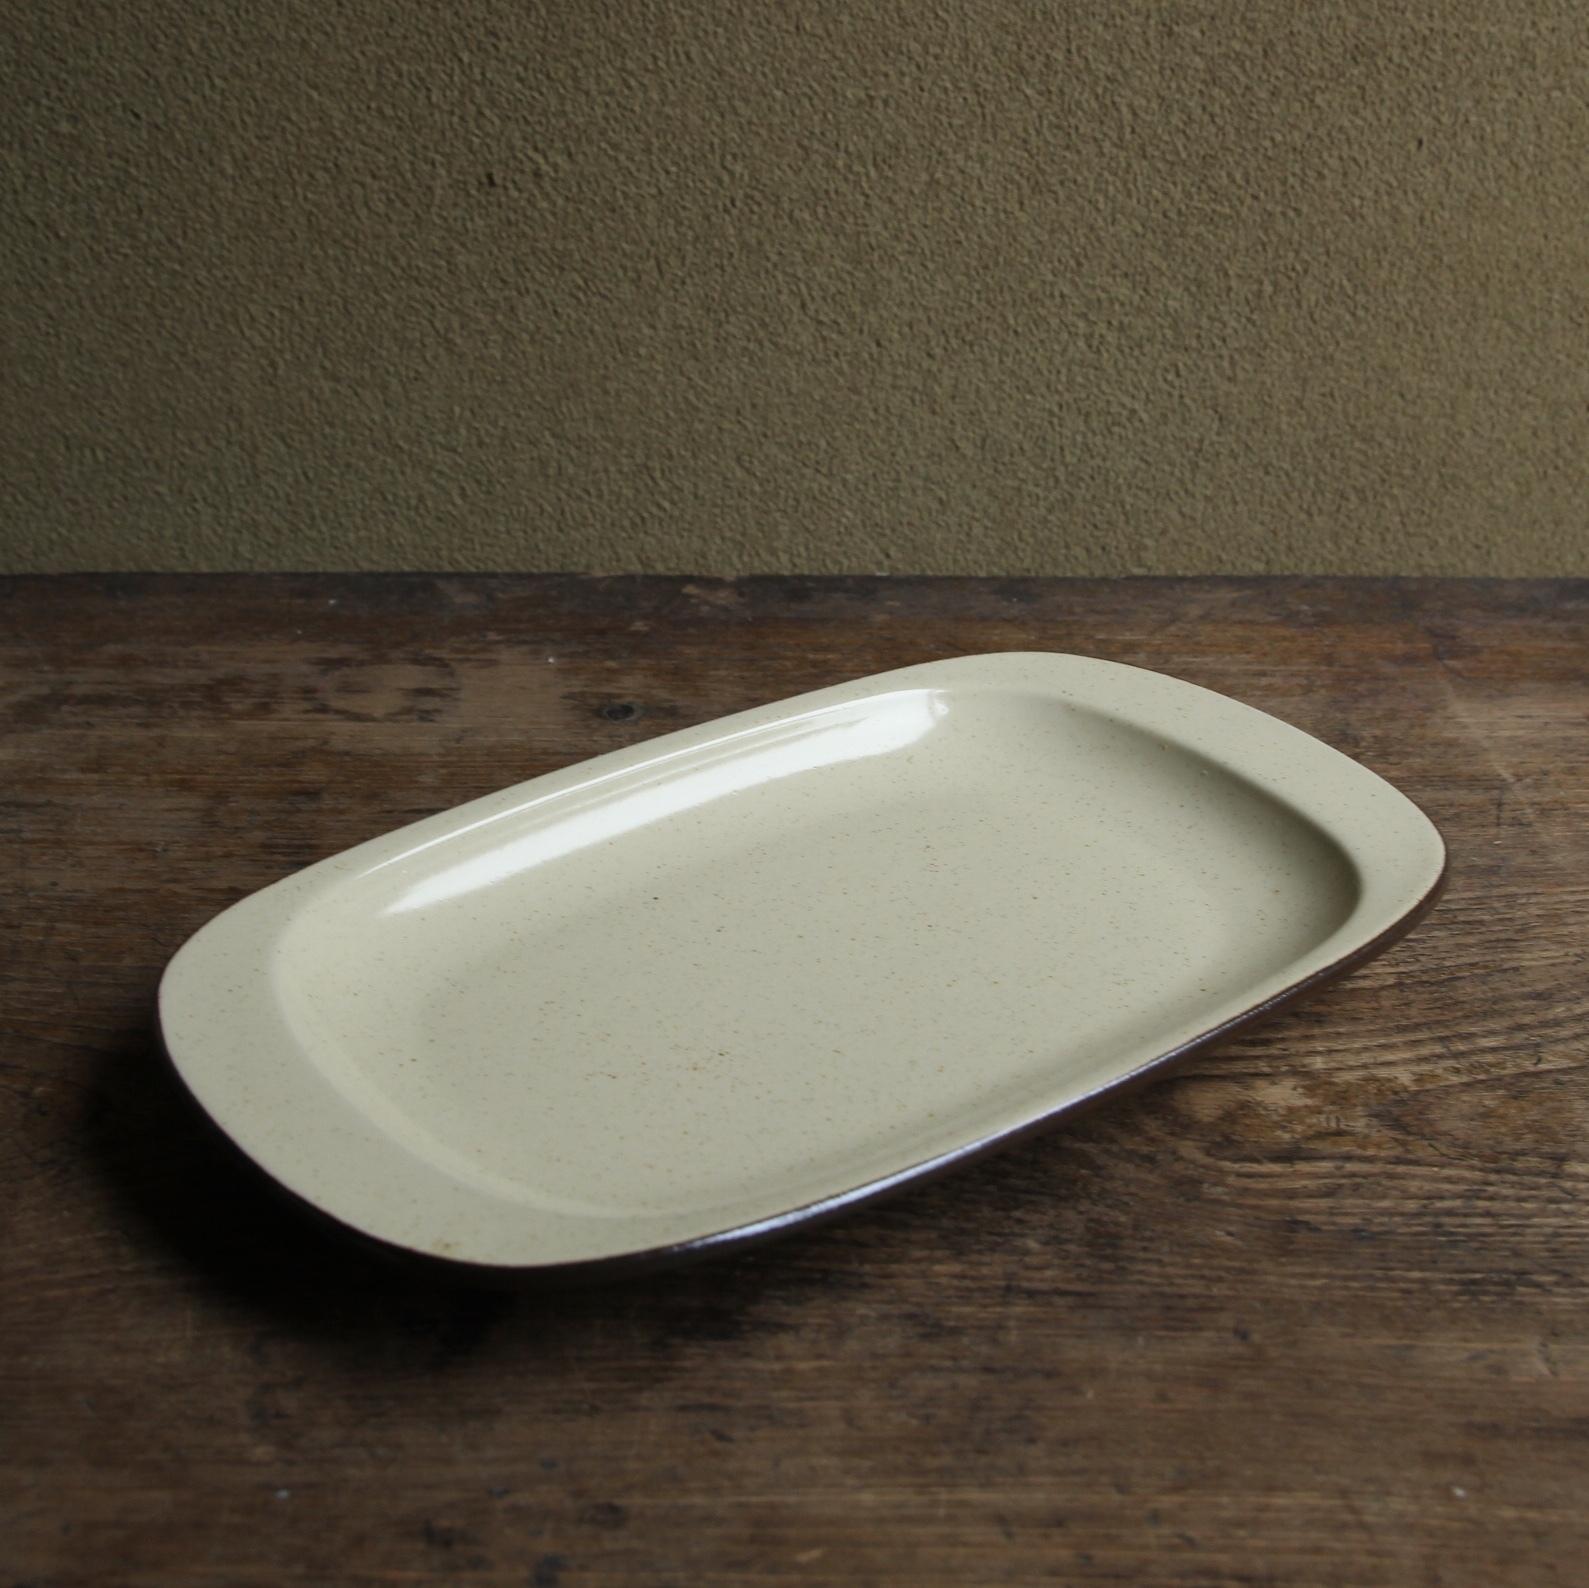 アポロ ストーンウェア ナポリタン皿 在庫3枚